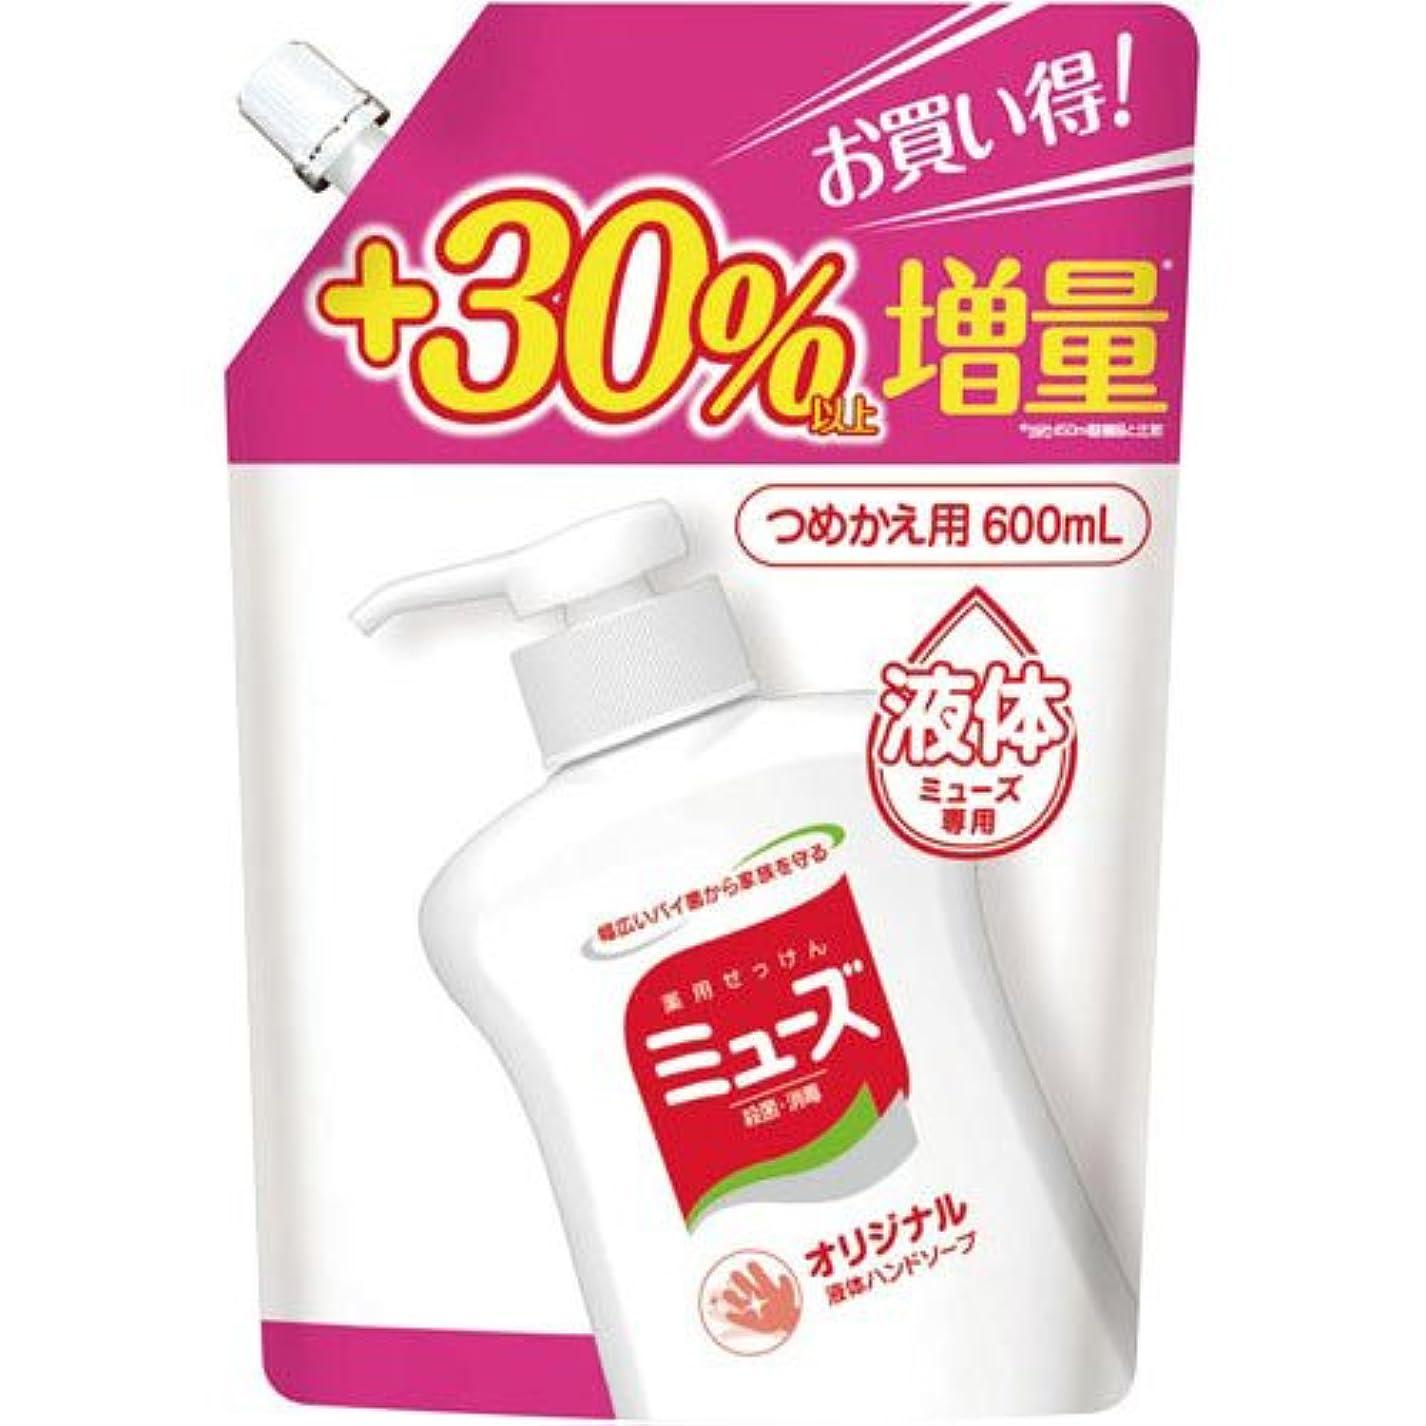 タオル再生的パットアース製薬 液体ミューズ 詰替用大型サイズ 450ml×4